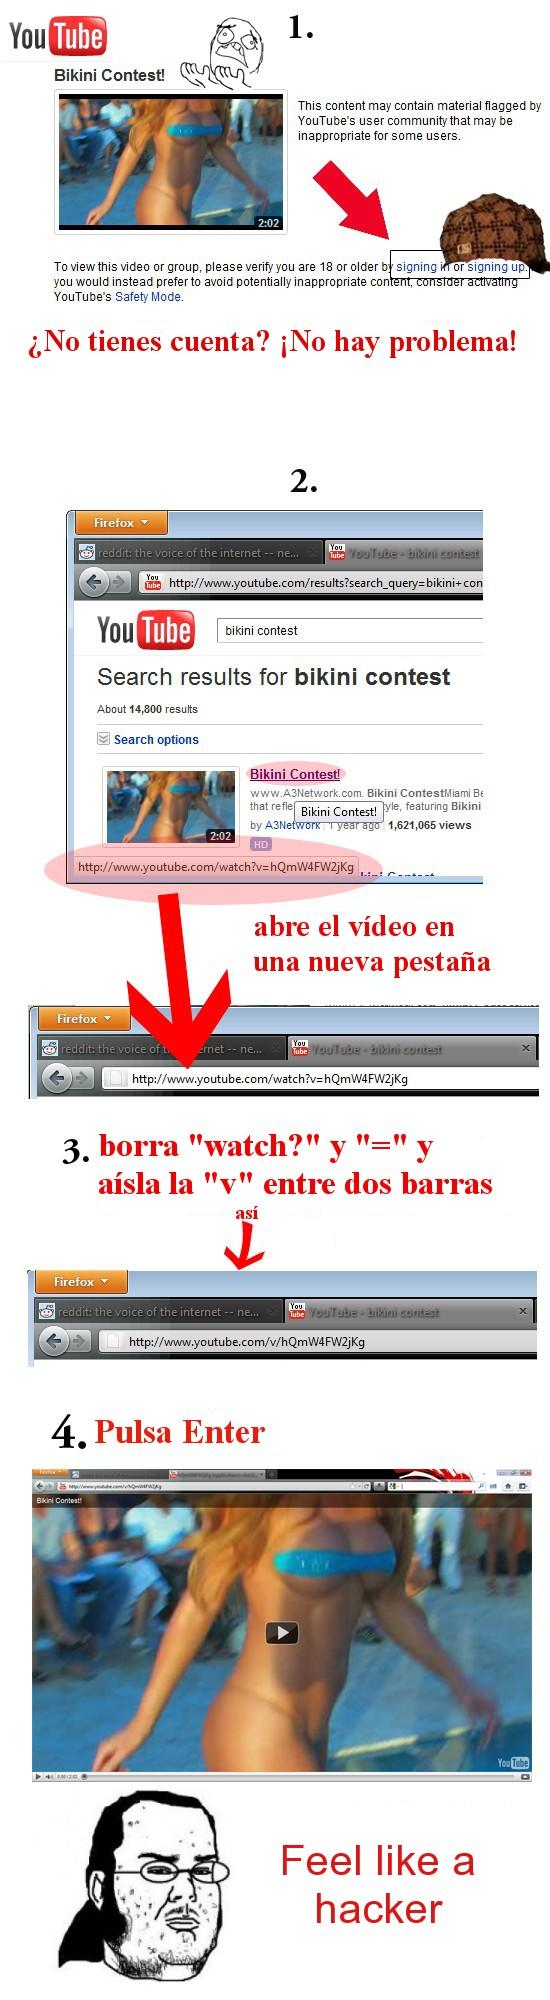 control,edad,filtro,hacker,truco,video,youtube